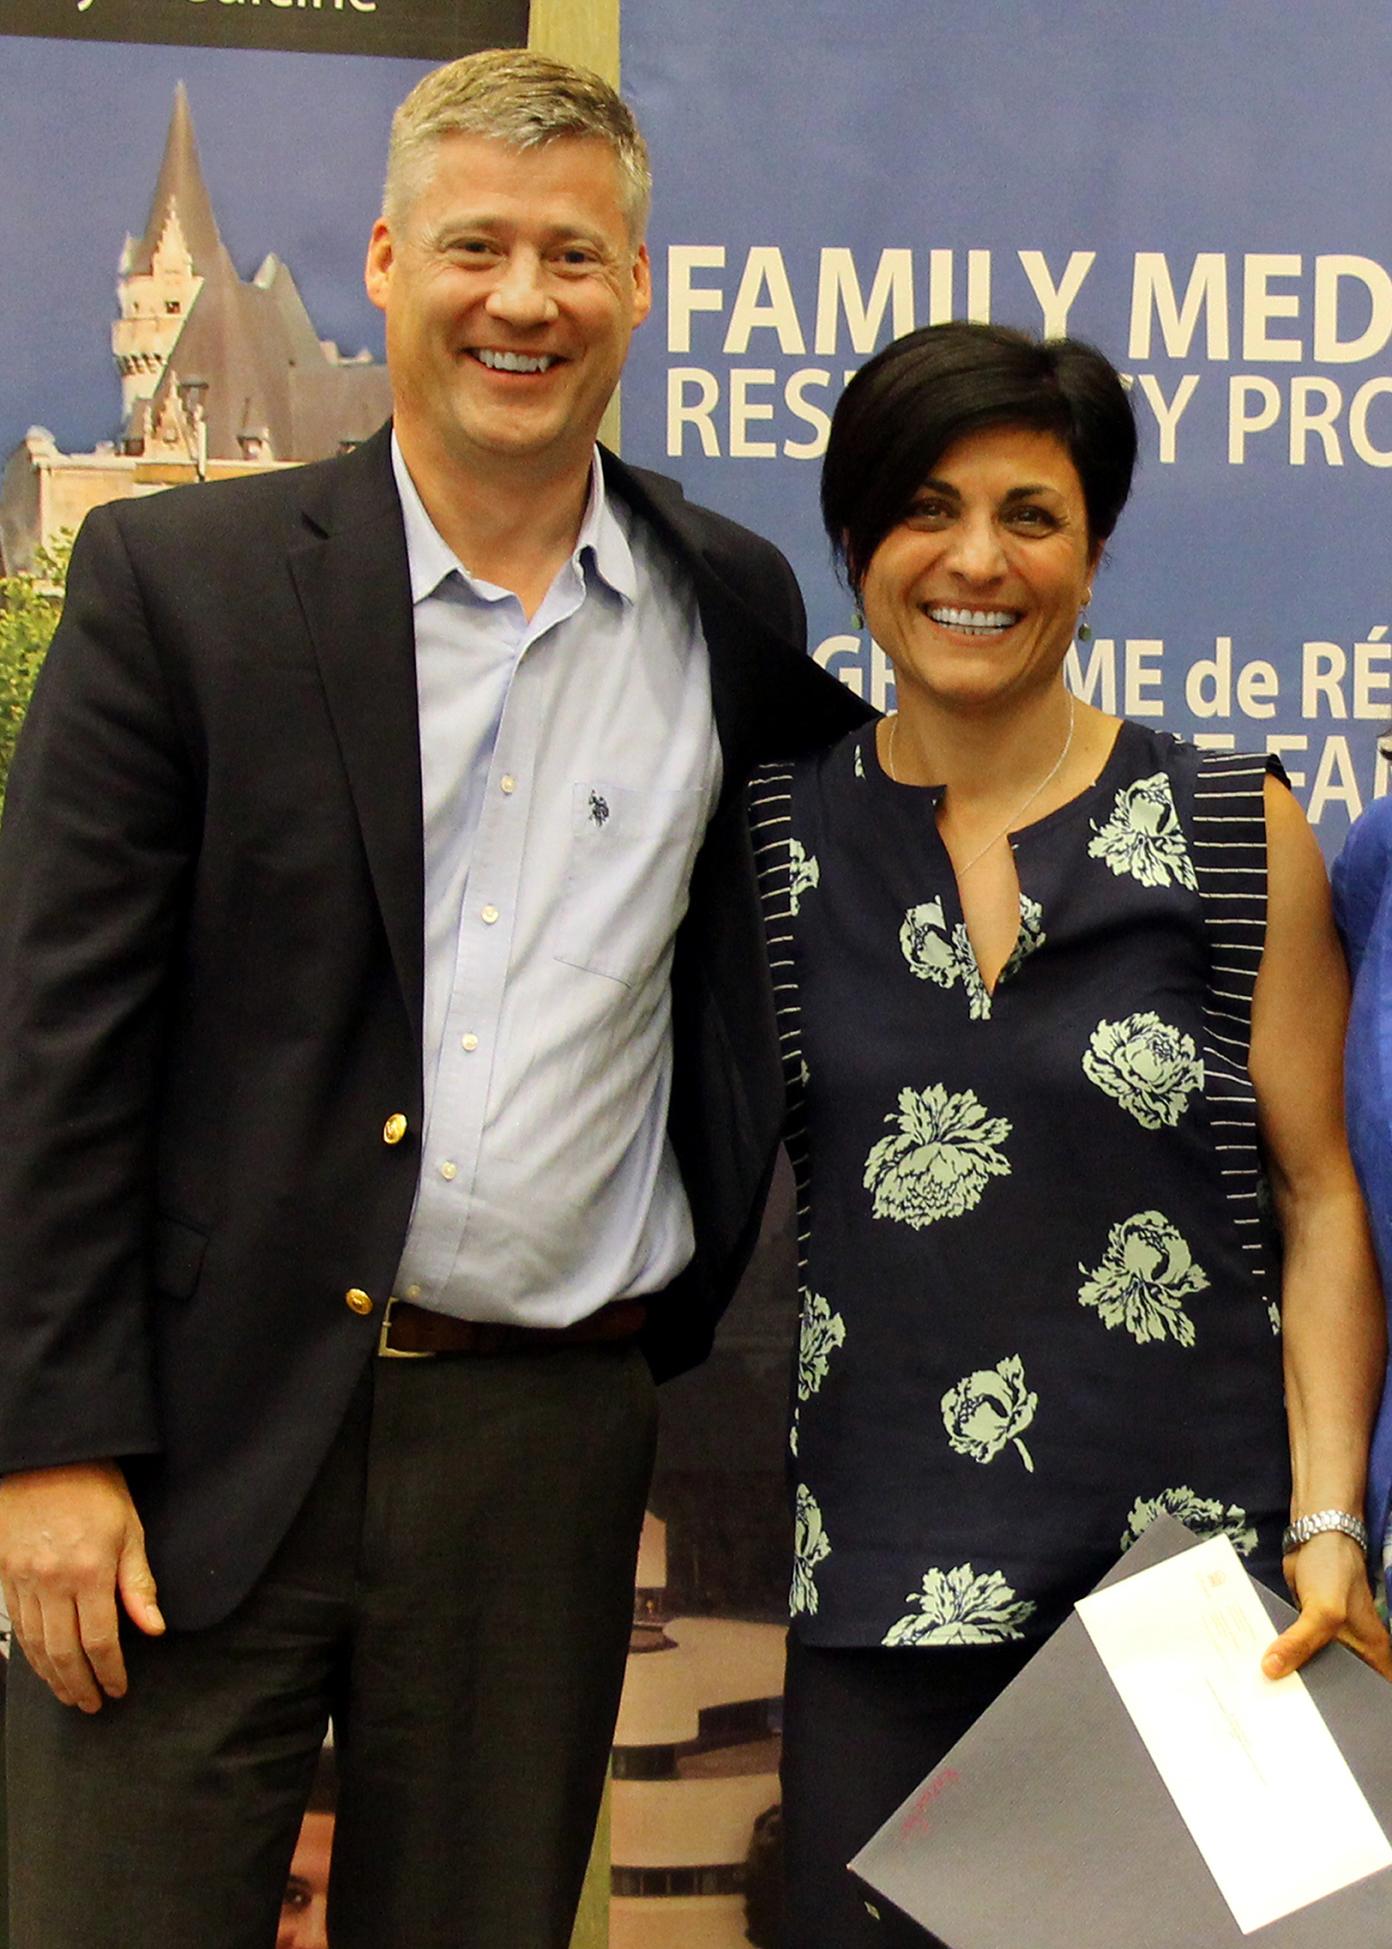 Dr. Doug Archibald and Dr. Parisa Rezaiefar